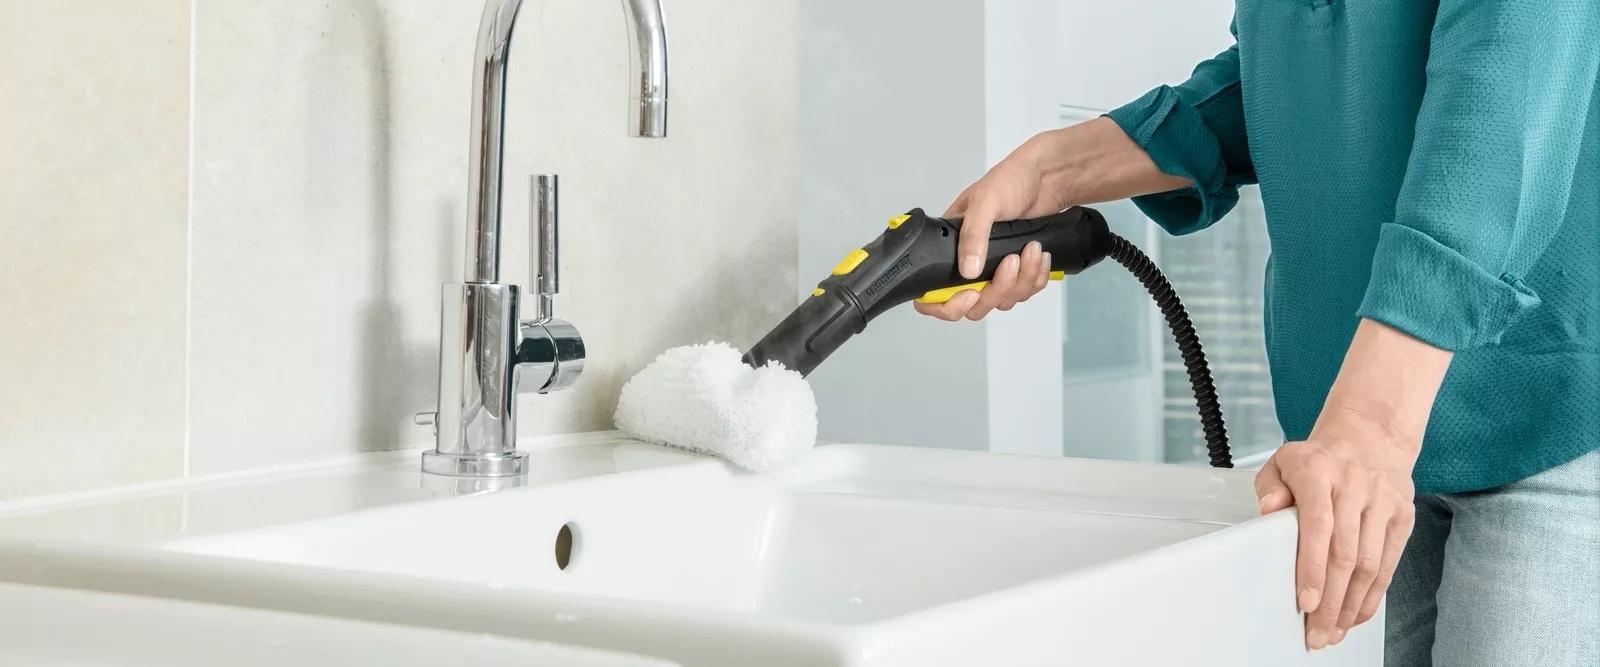 limpiar tu casa contra virus sin quimicos - LIMPIADORAS DE VAPOR PARA TU CASA: LIMPIEZA SIN QUÍMICOS